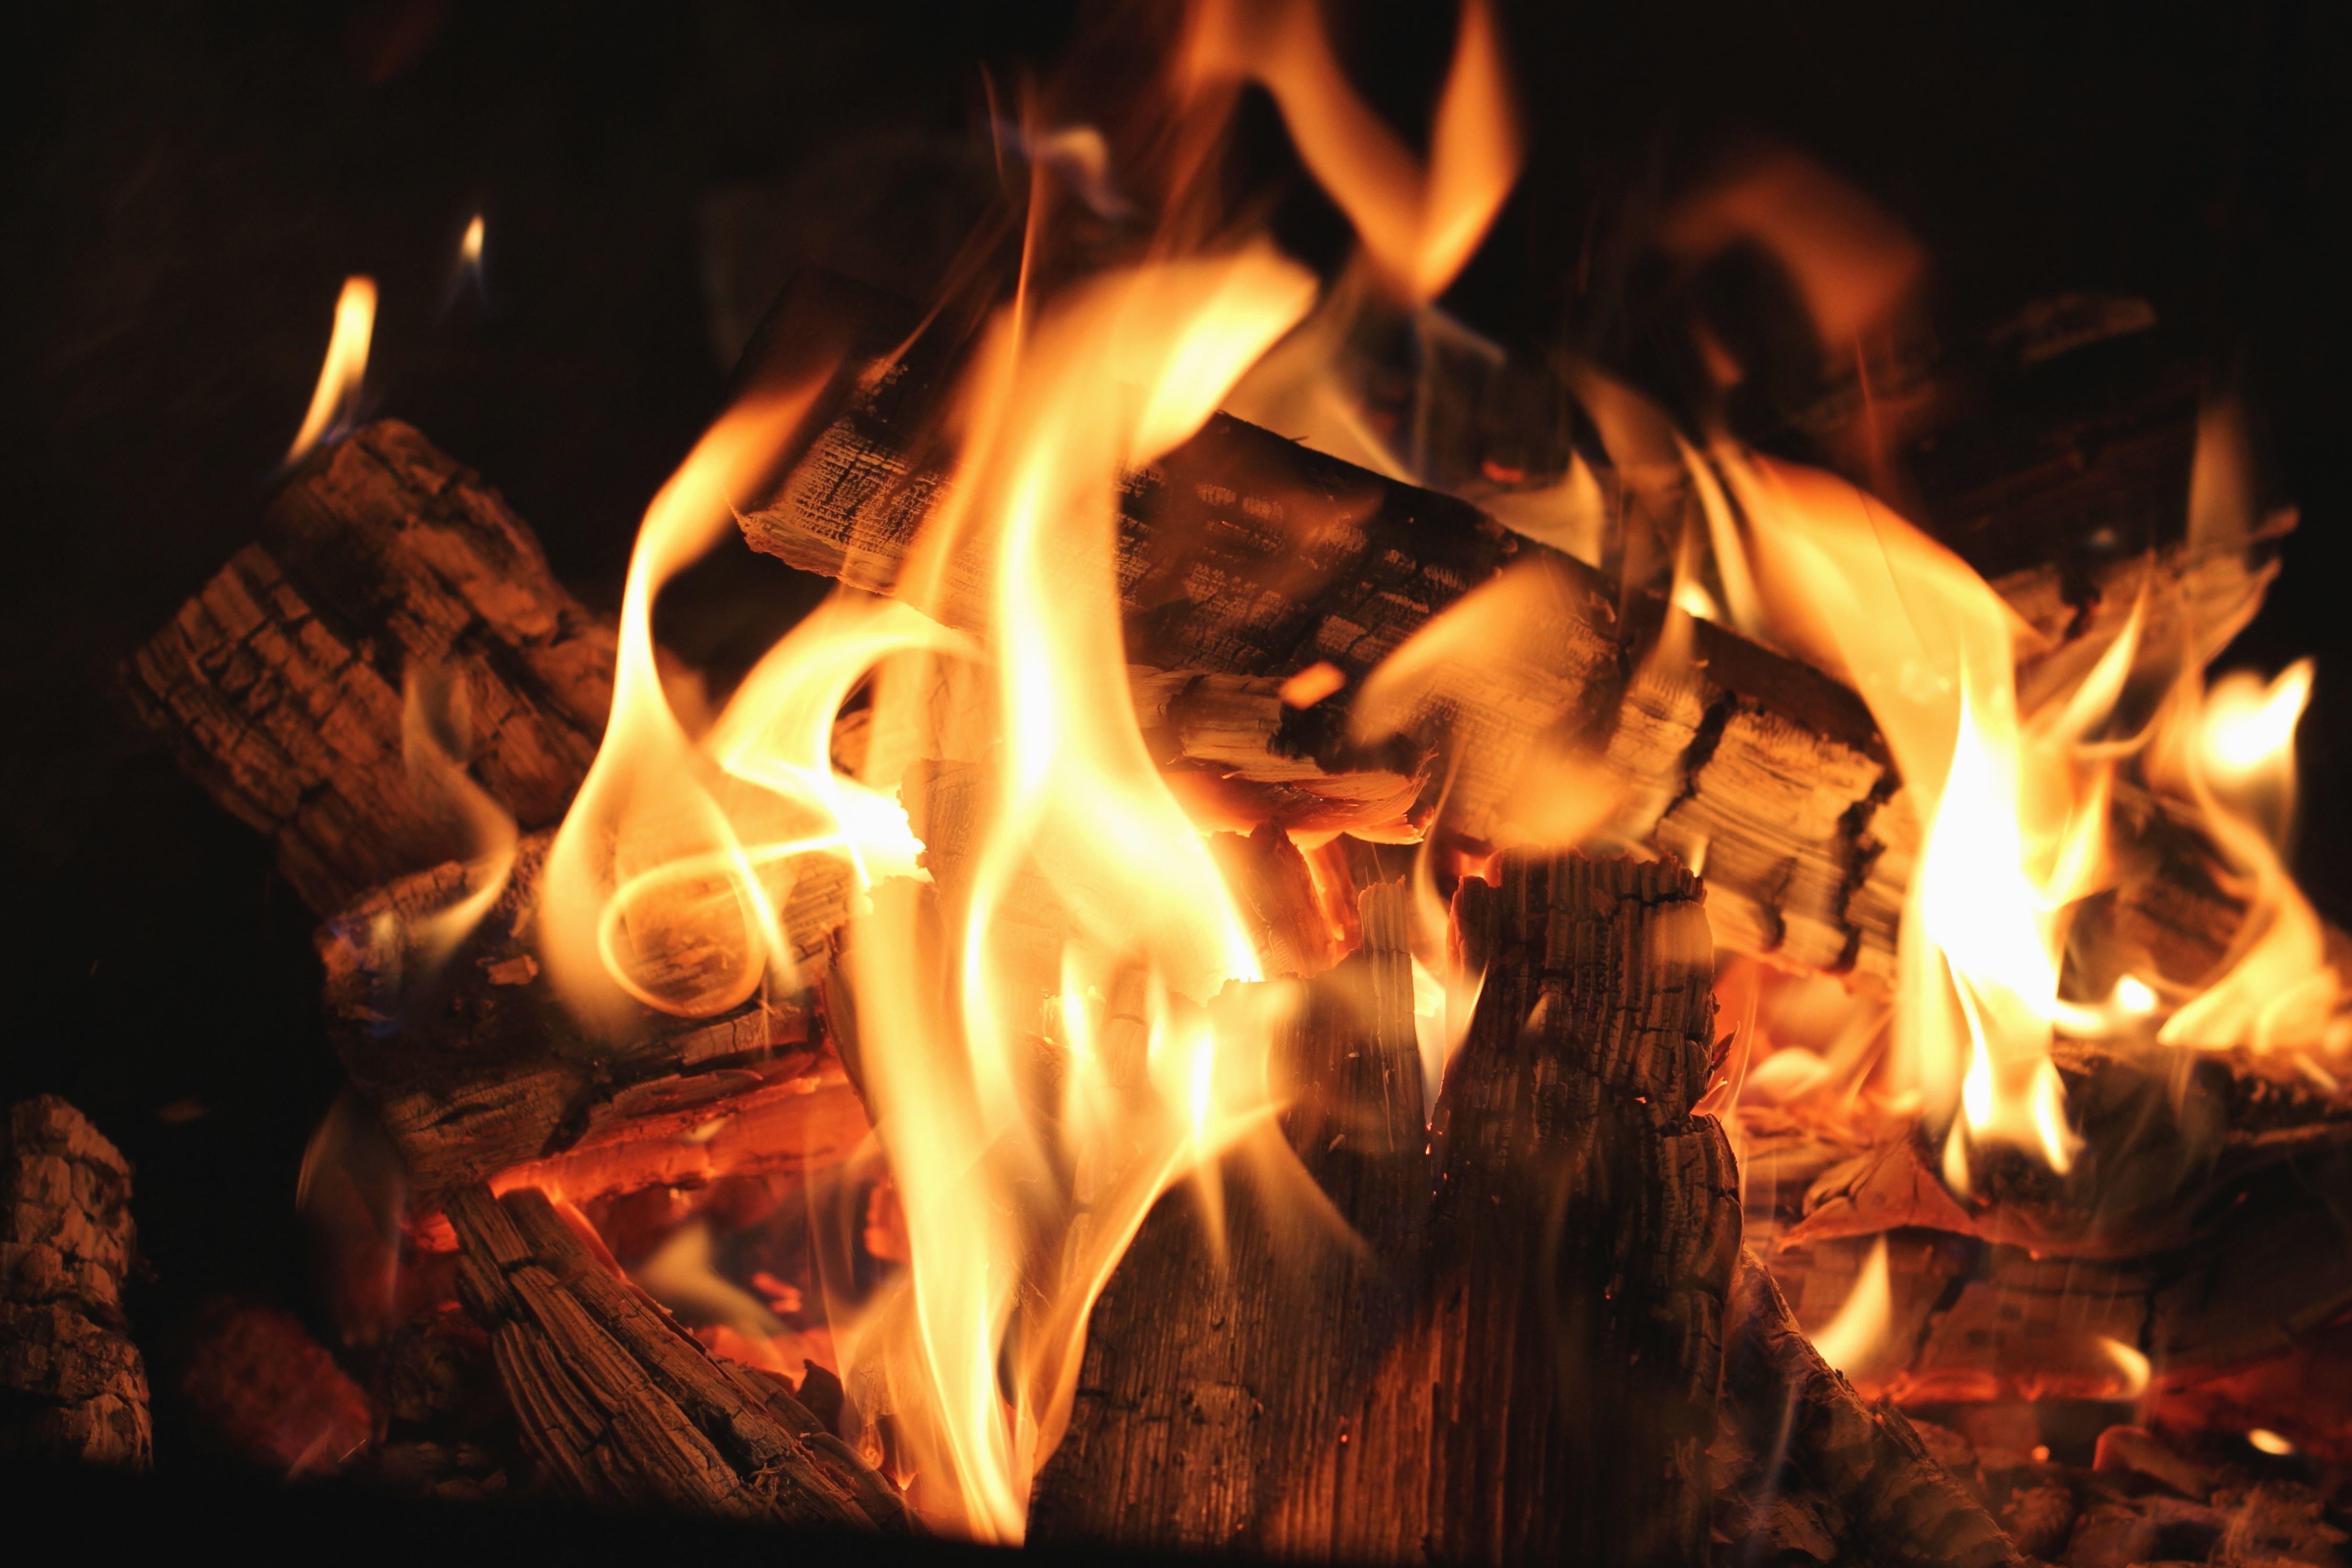 Imagen gratis Fuego calor parrilla humo madera